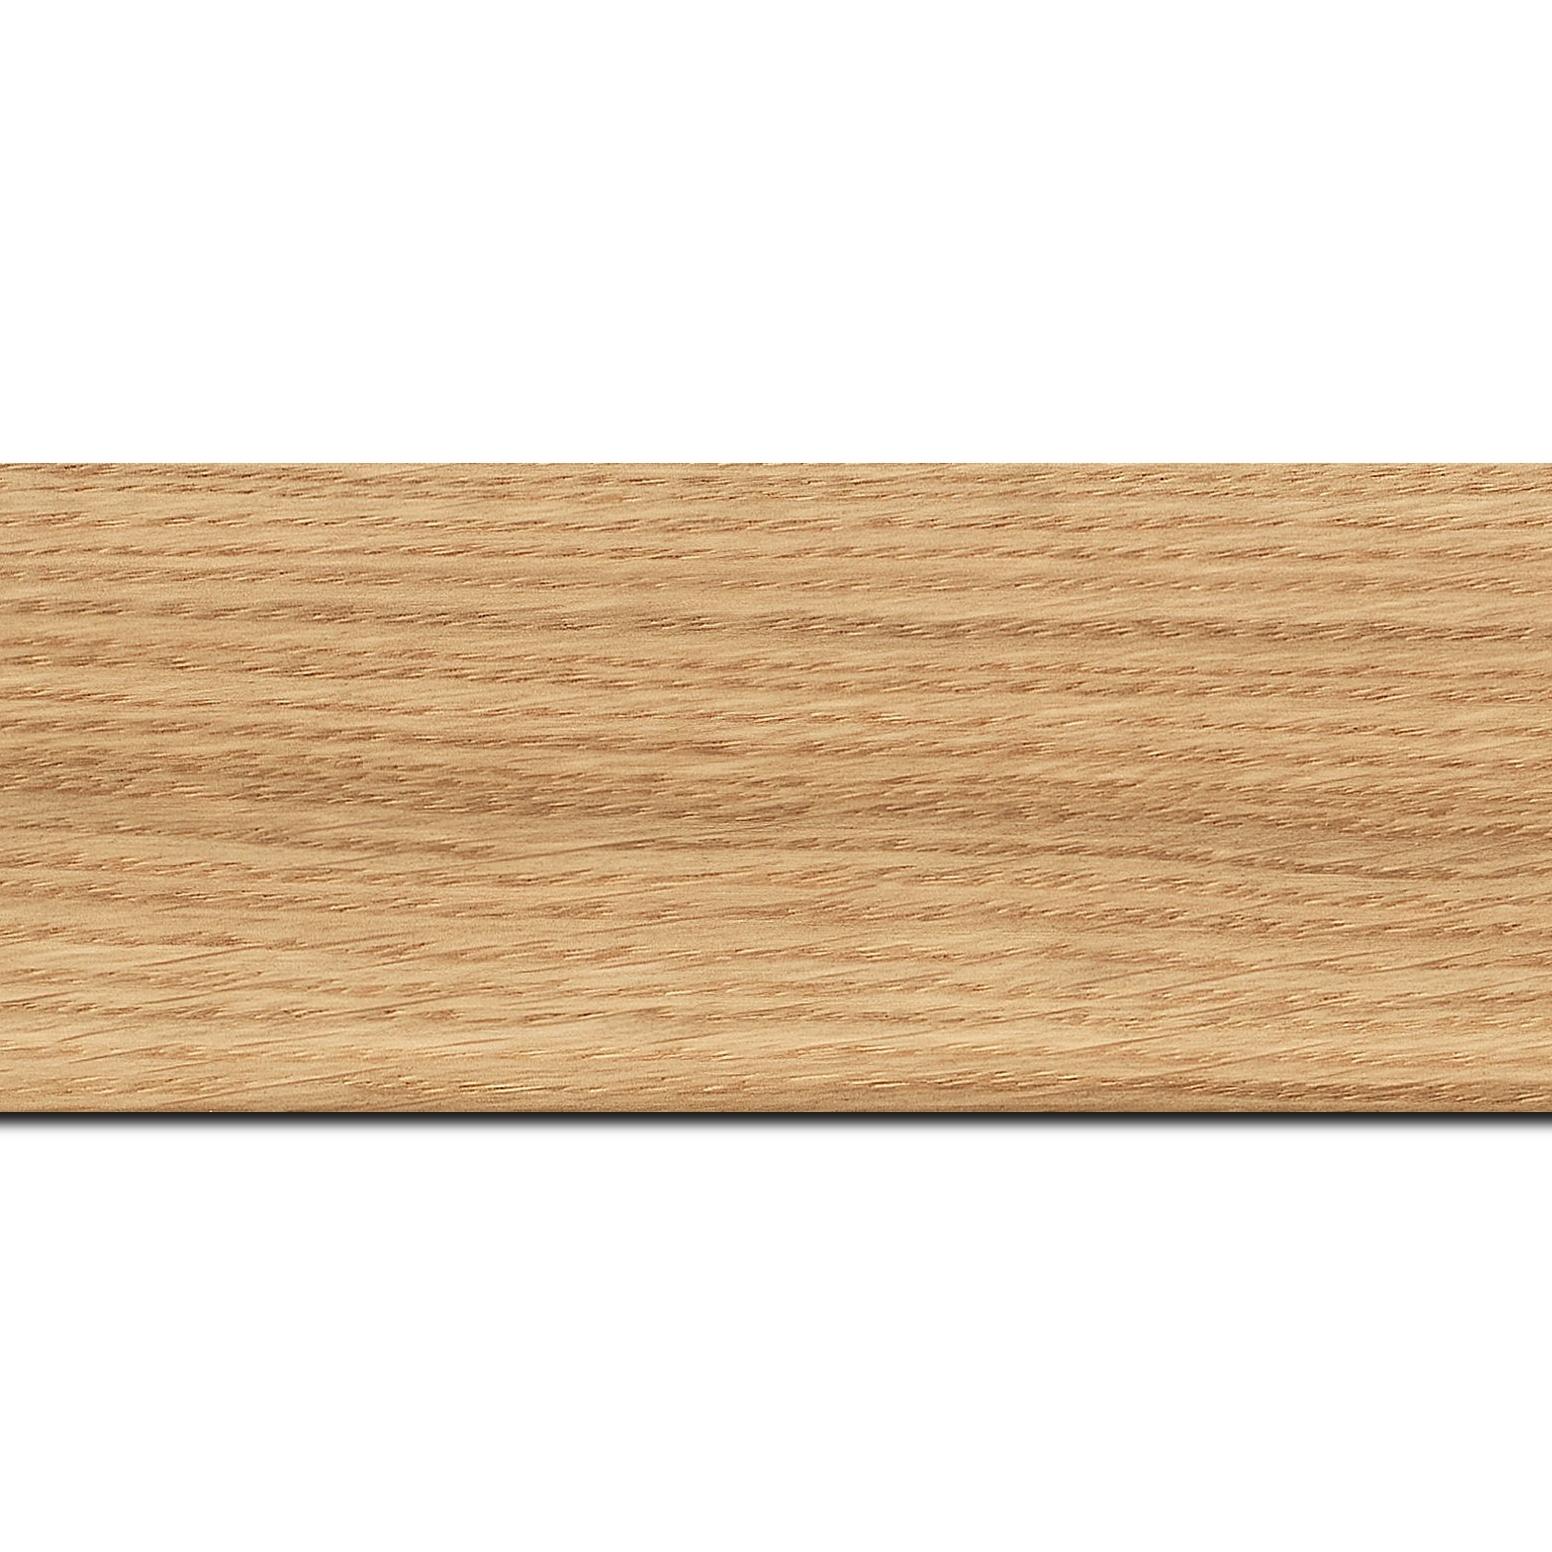 Baguette longueur 1.40m bois profil plat largeur 6.3cm plaquage haut de gamme chêne naturel